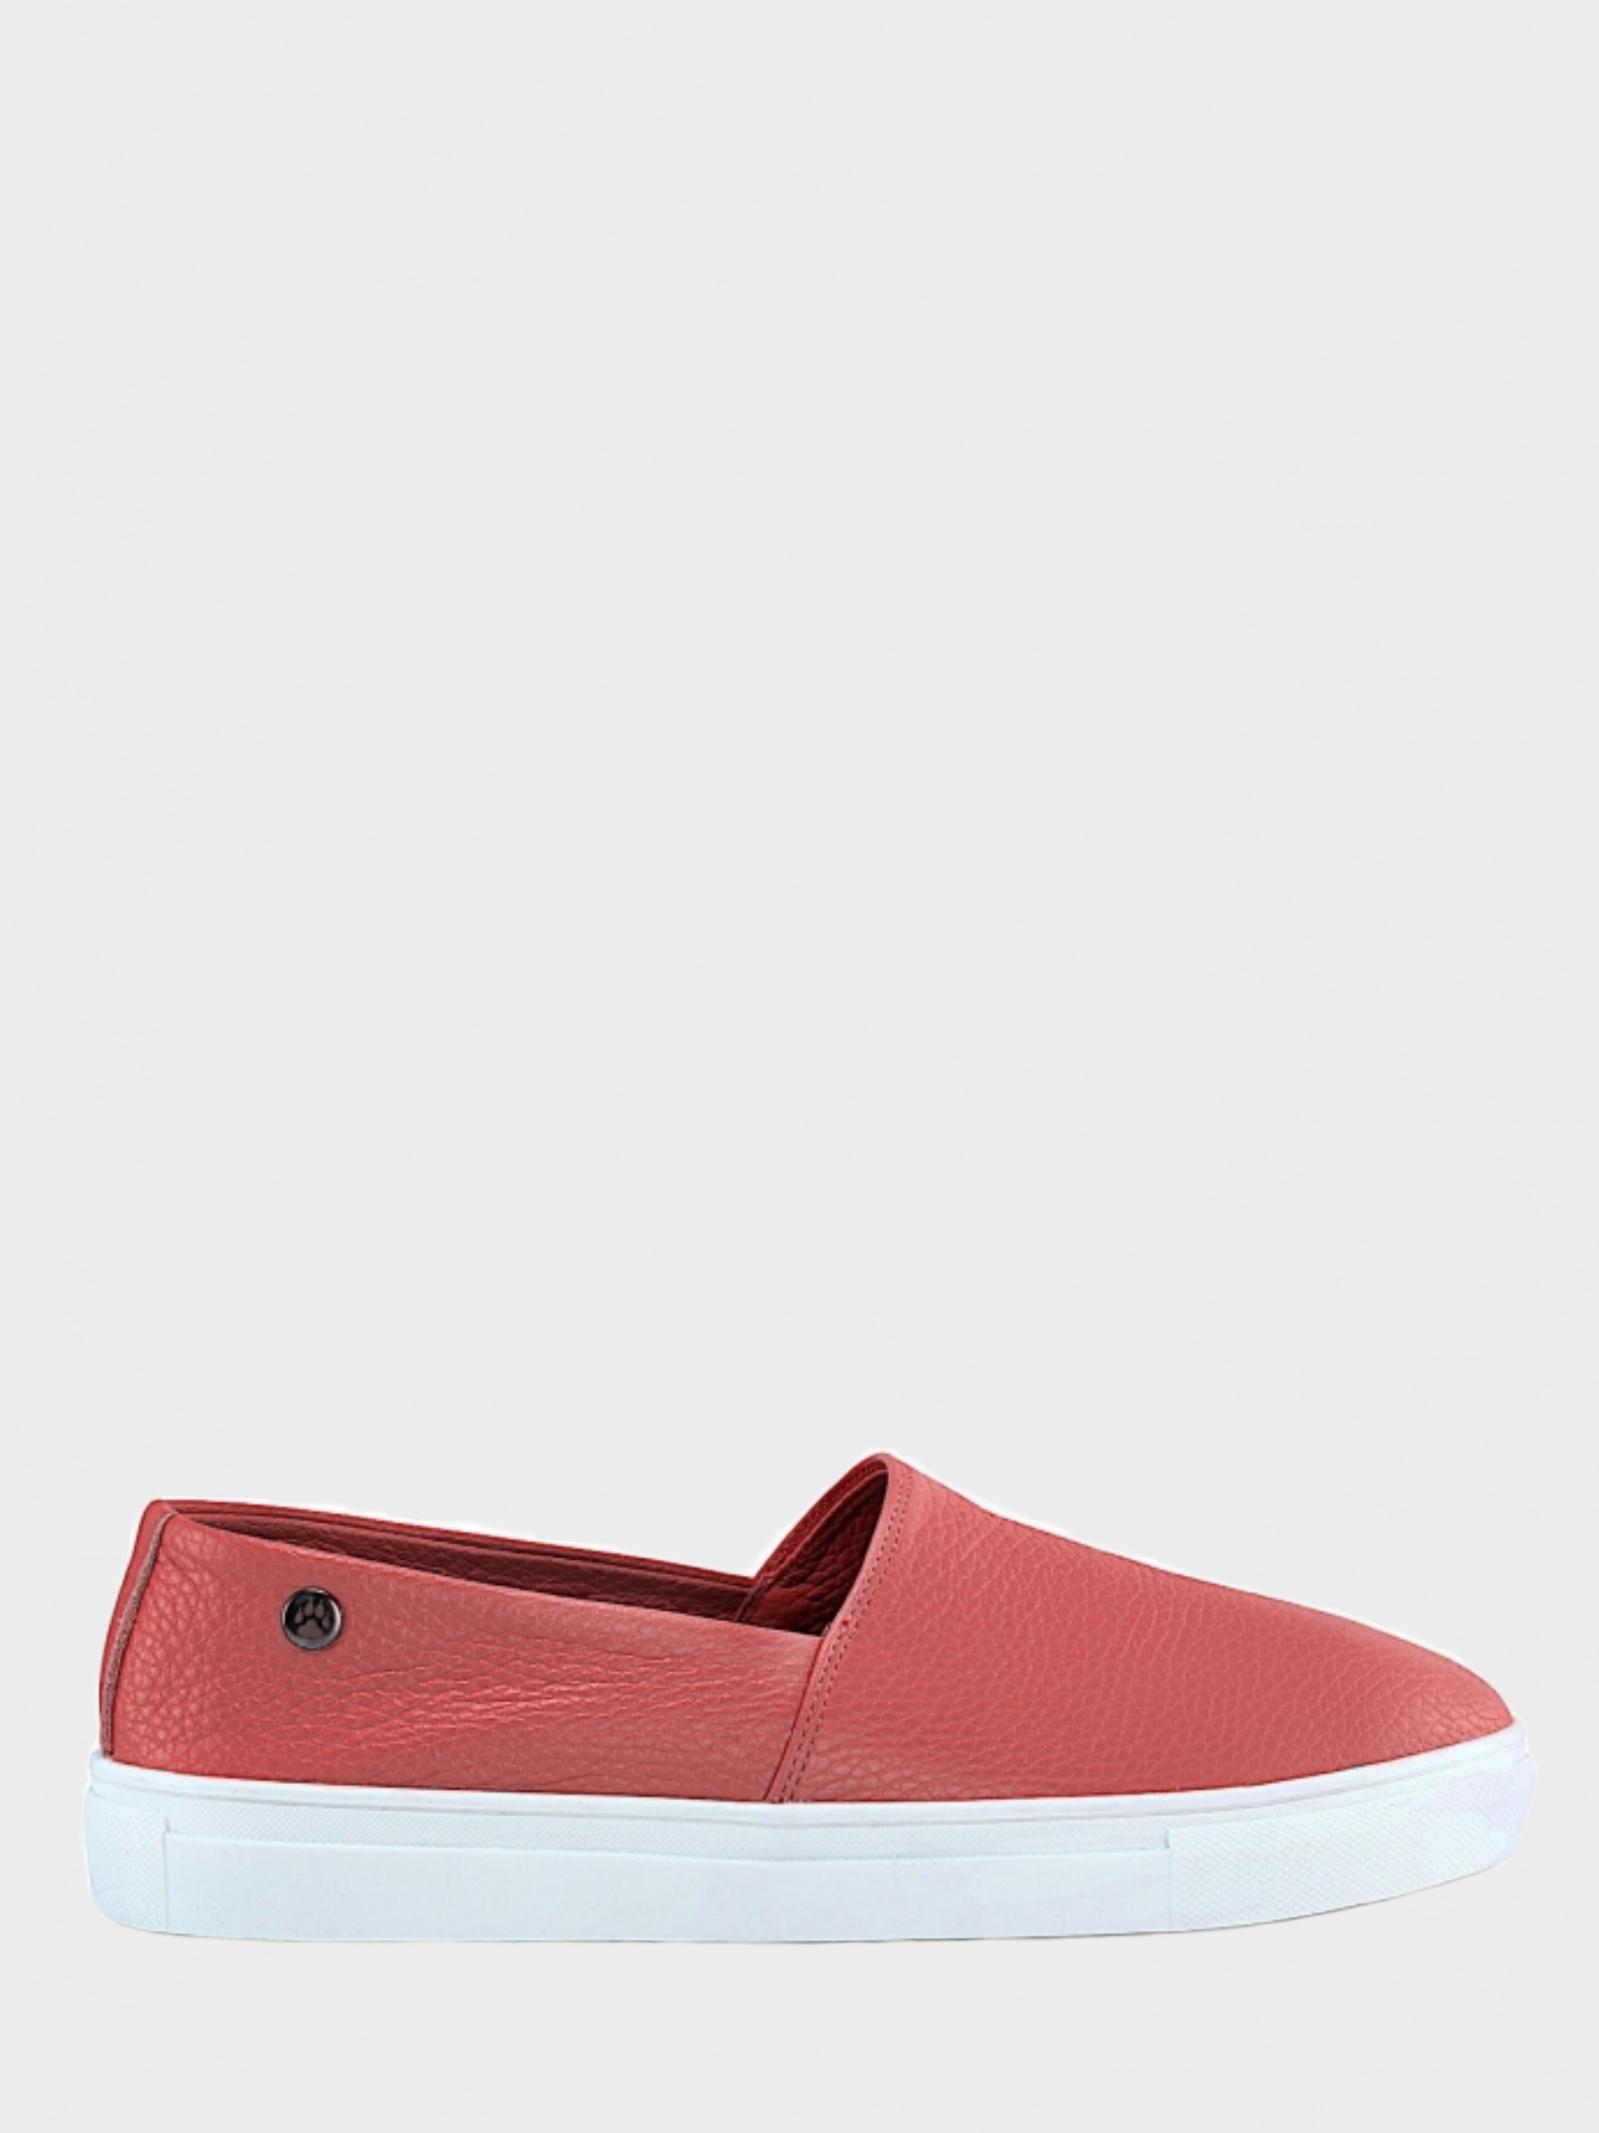 Слипоны женские Слипоны  S1 S2.1.000000349 размеры обуви, 2017